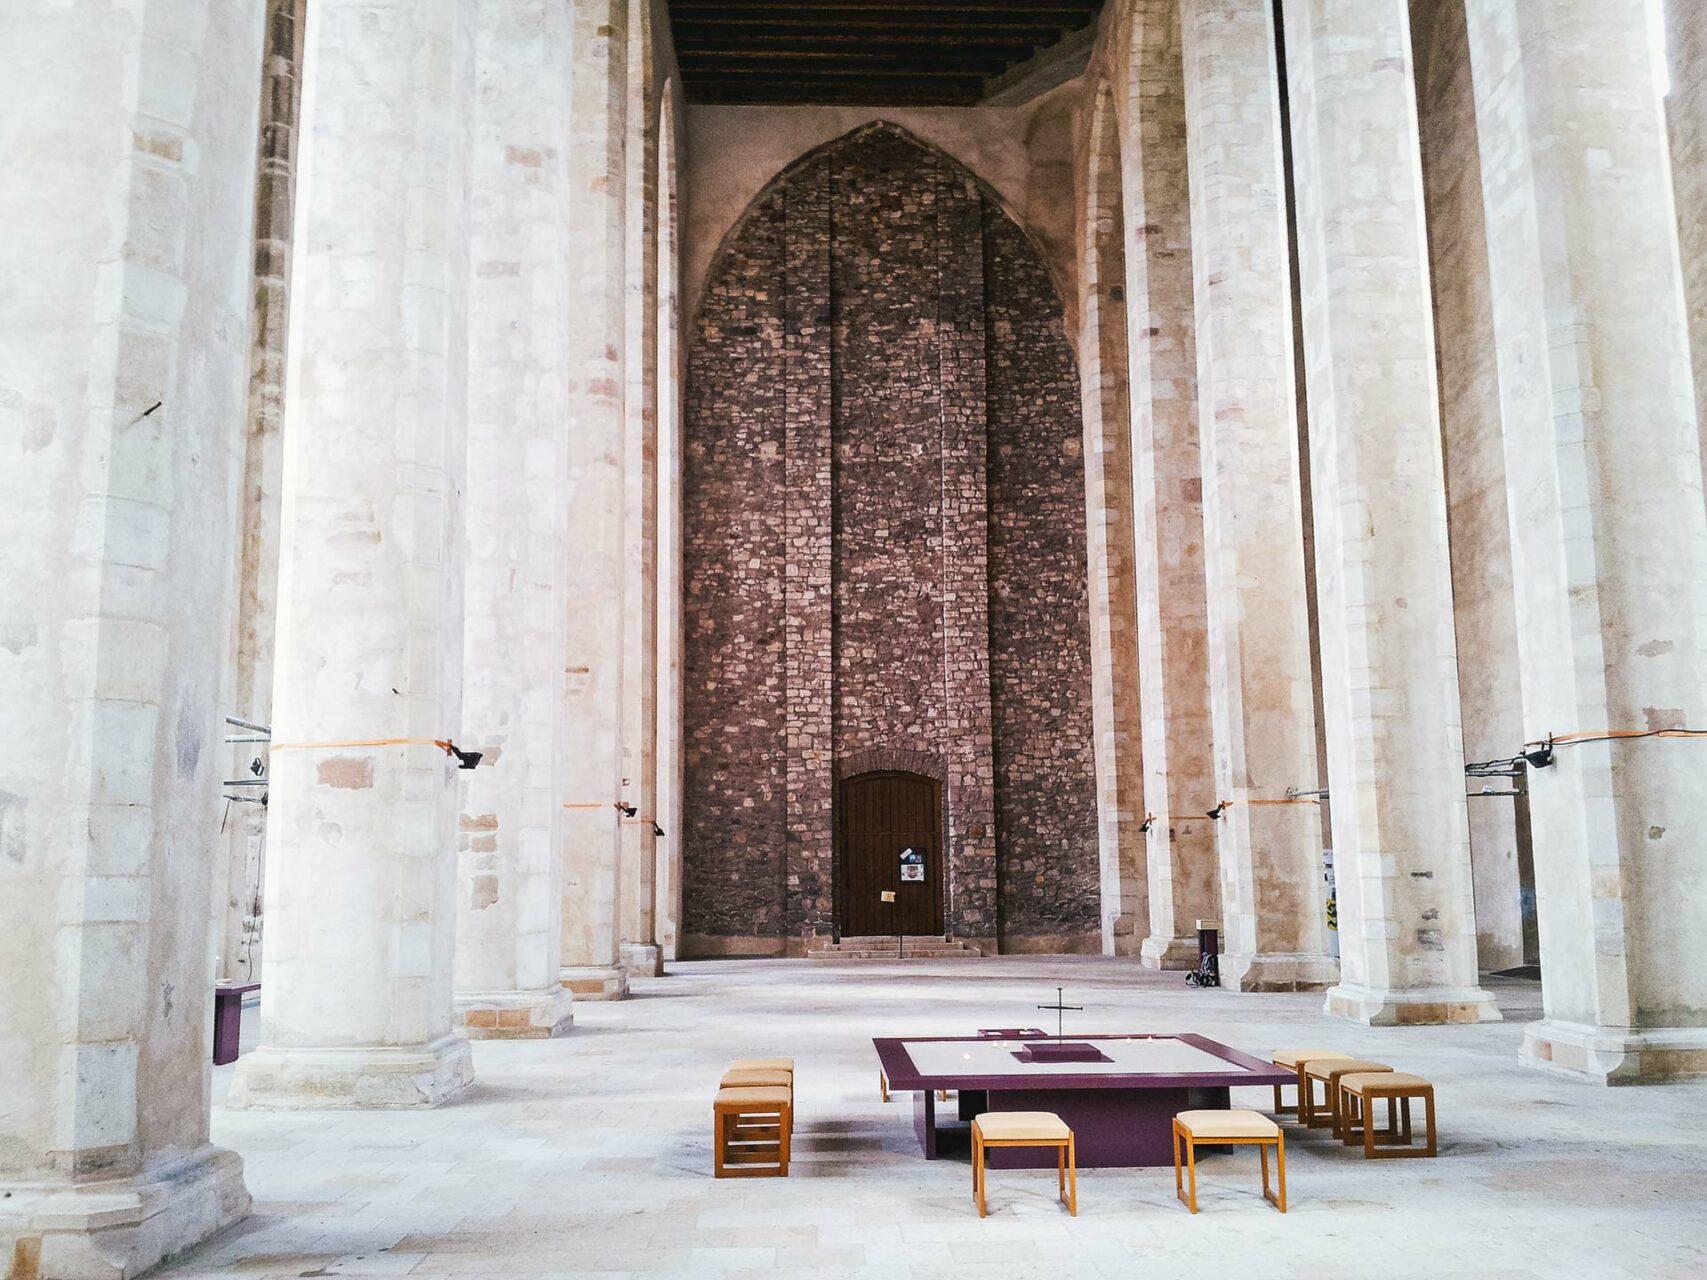 Heute dient die Wallonerkirche als Raum der Erinnerung. Eine ständige Ausstellung in ihr zeigt, wie reich Magdeburg dereinst gewesen sein muss.